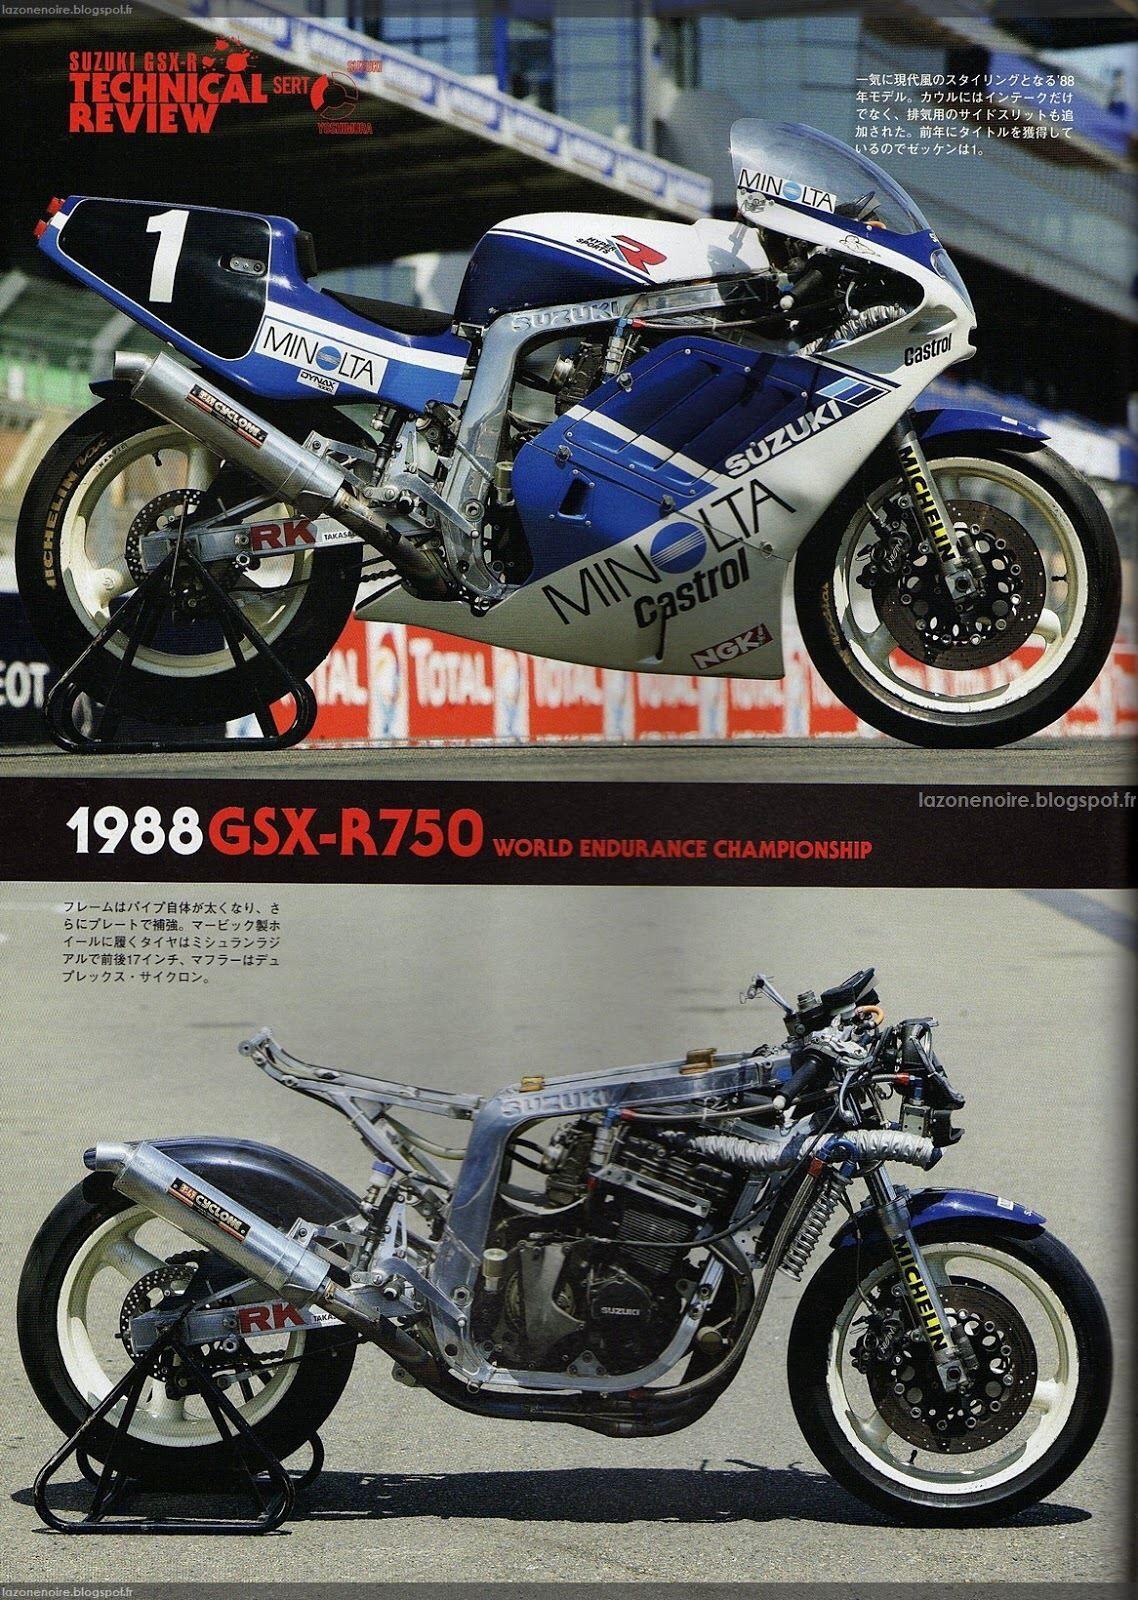 88 Suzuki GSXR750. | GSXR 750 | Pinterest | Cars, Gsxr 750 and ...